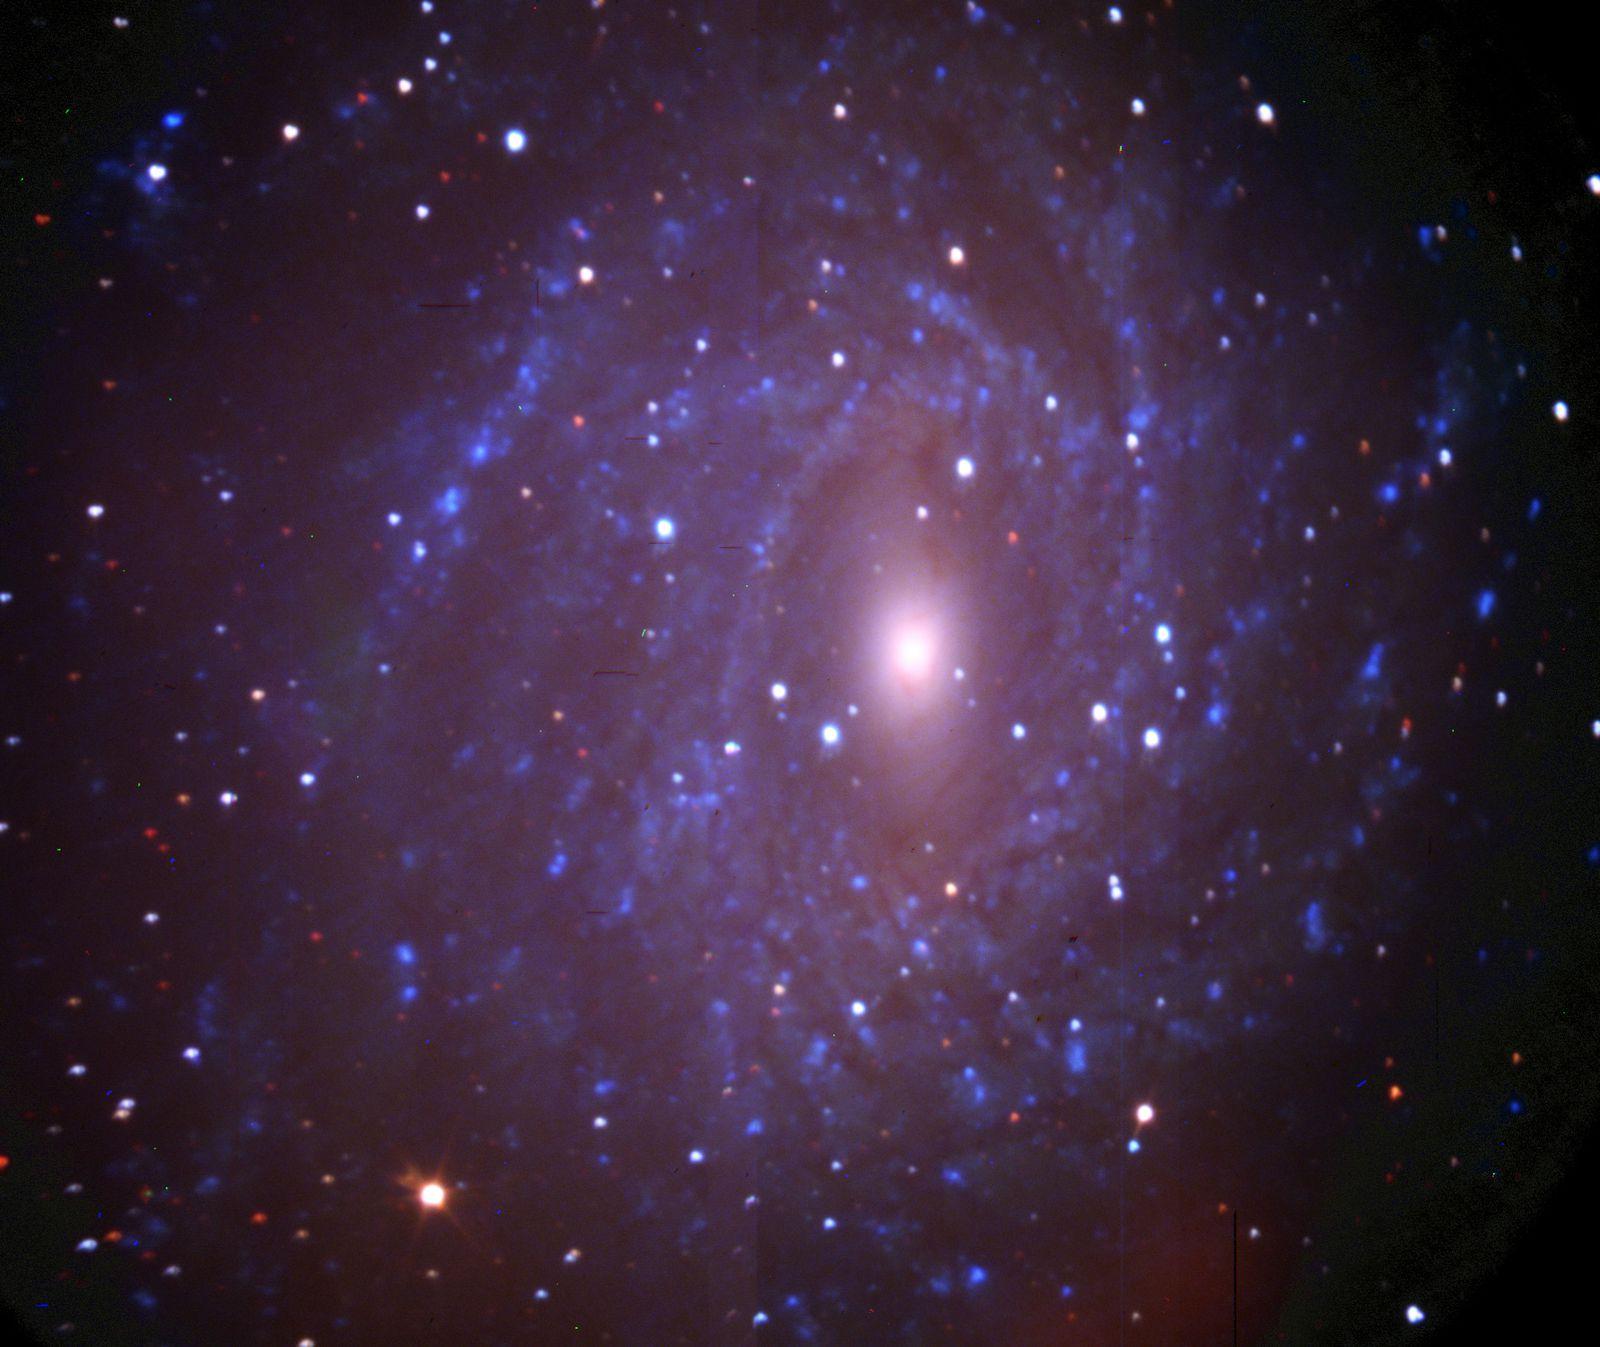 """NGC 6744 osservata nel 2005 con il SALT, un telescopio da dieci metri nella Repubblica Sudafricana, il cui specchio è il più grande dell'emisfero australe. L'immagine è una composizione di tre esposizioni di soli dieci secondi ognuna, con i filtri ultravioletto, blu e infrarosso, per di più in una situazione resa complicata dalla presenza della Luna, illuminata al 40 per cento (<a href=""""http://www.salt.ac.za/fileadmin/files/telescope/first_light/ngc6744UBI.jpg"""" target=""""_blank"""">vedi in alta risoluzione</a>). Cortesia: SALT / SAAO"""